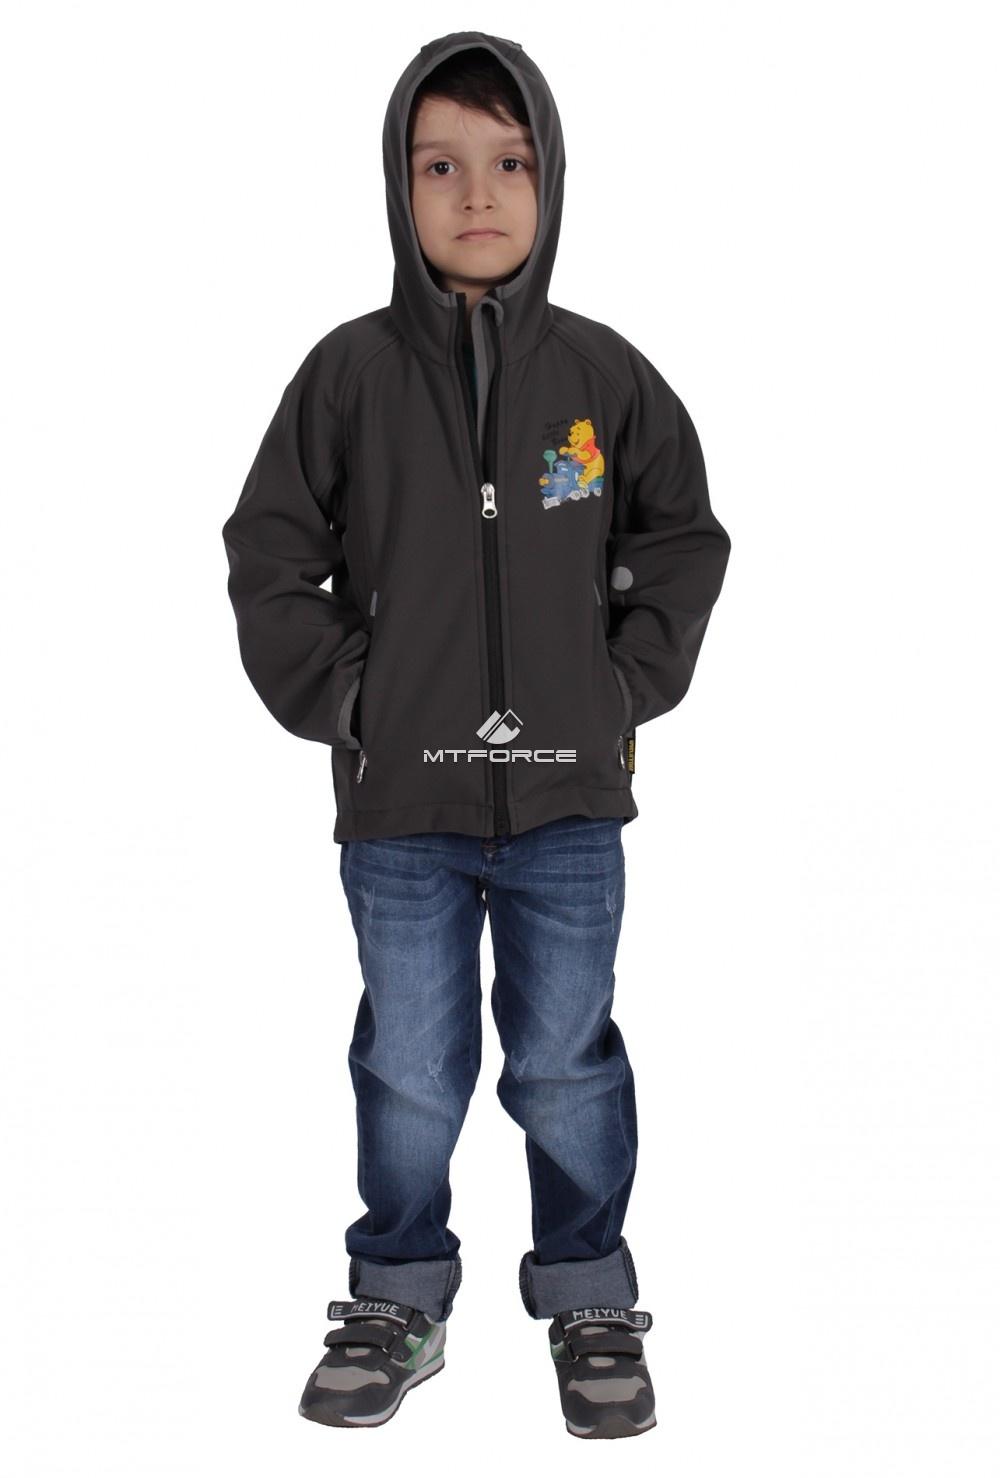 Купить                                  оптом Куртка ветровка детская темно--серого цвета 034-1TC в Санкт-Петербурге